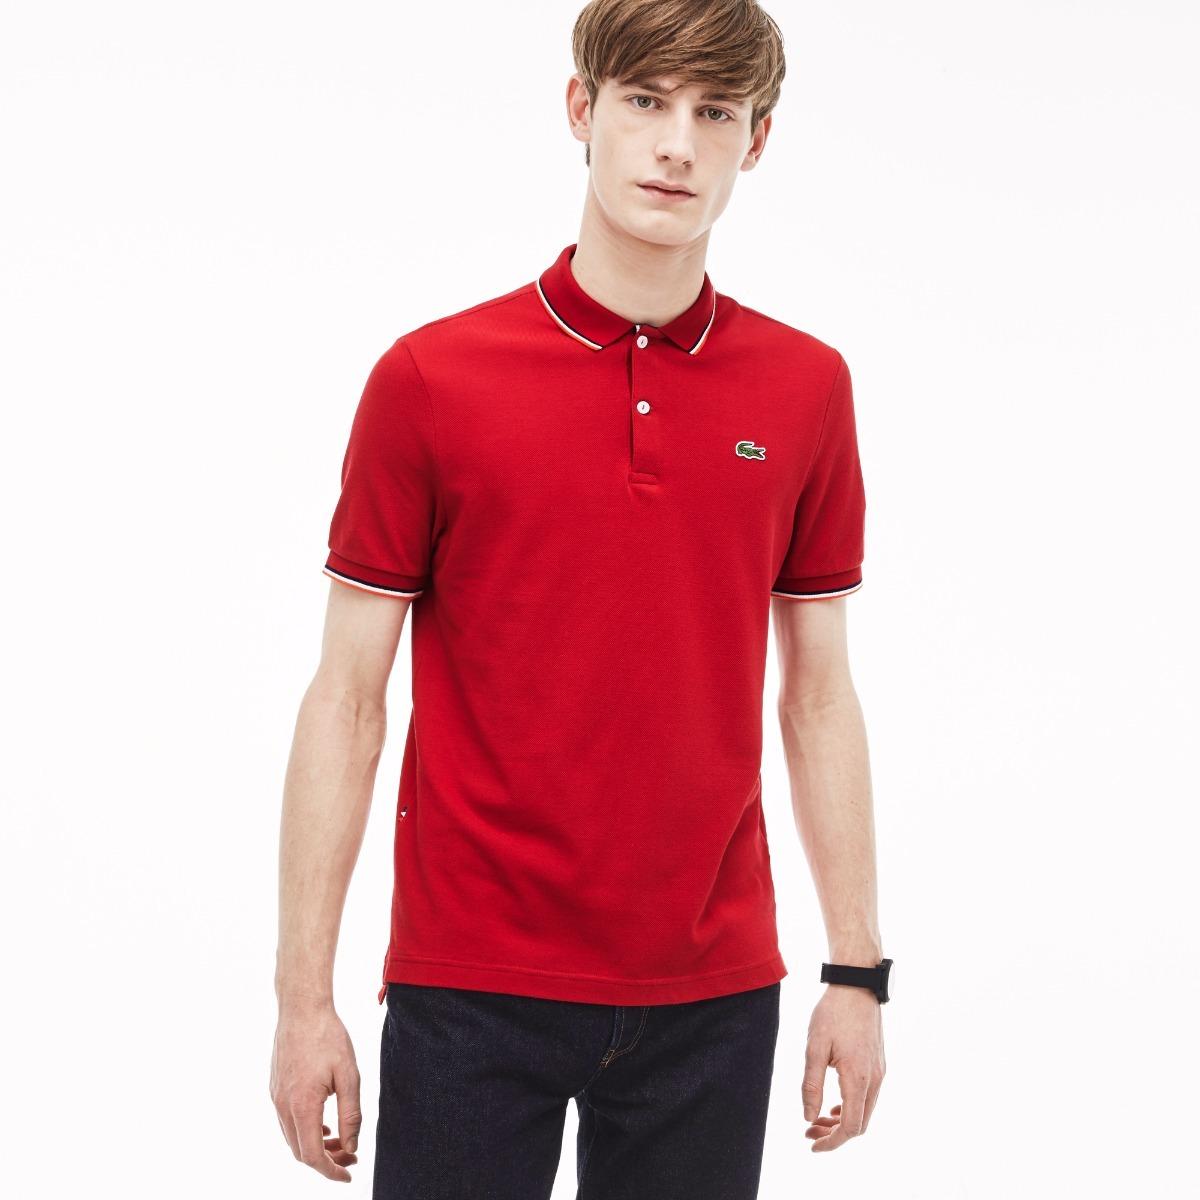 Camisa Polo   Camiseta Lacoste 100% Original Lançamento - R  189,00 ... 58aef61cec